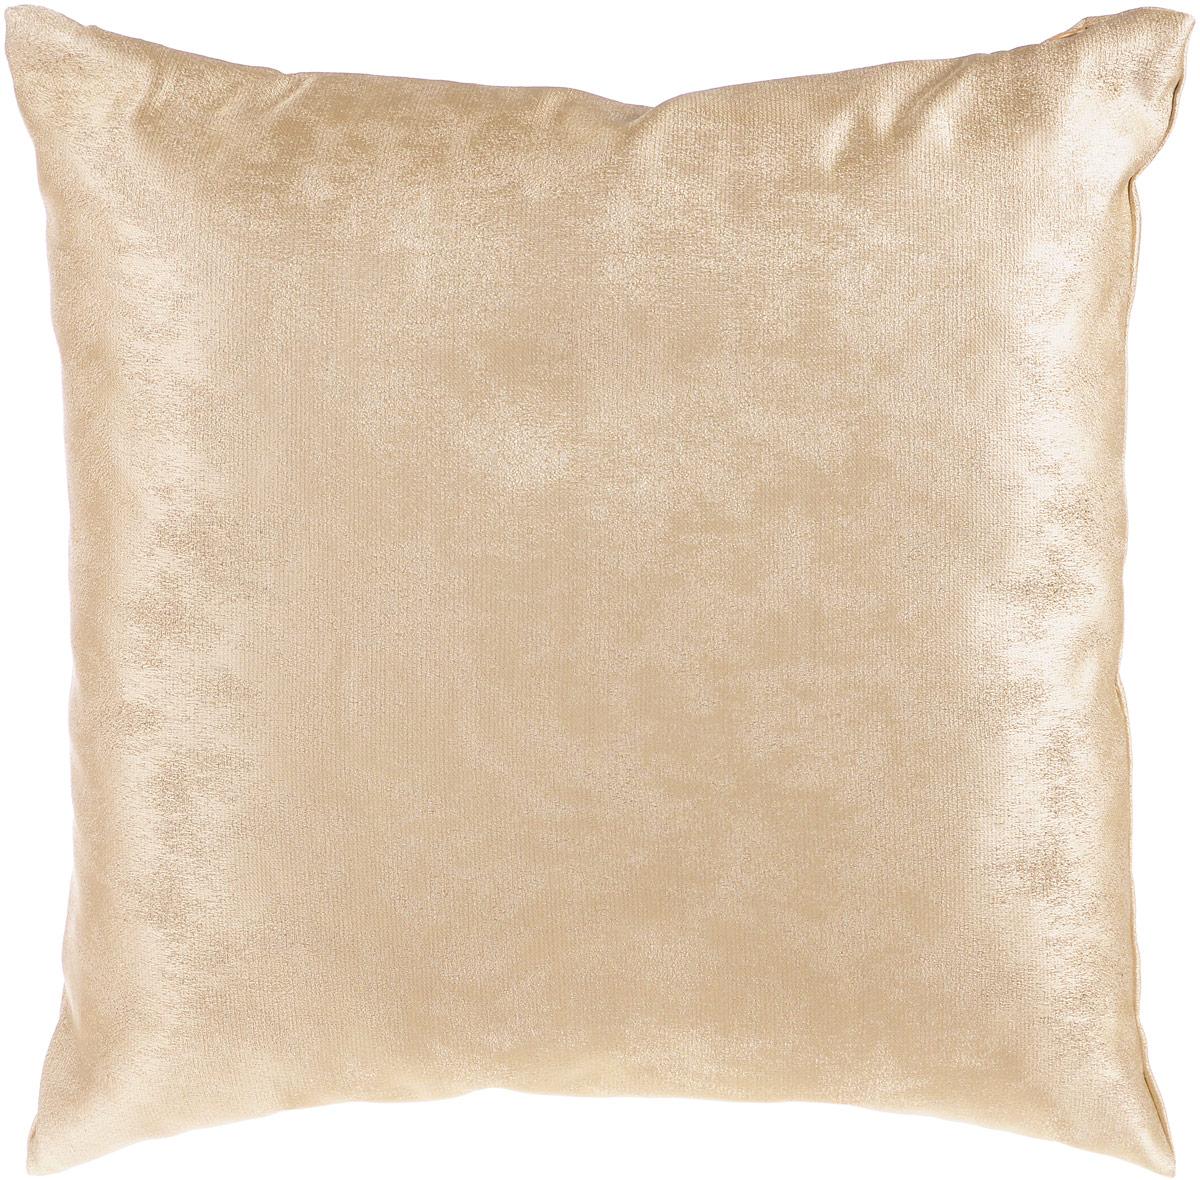 Подушка декоративная KauffOrt Магия, цвет: бежевый, 40 x 40 см6900Декоративная подушка Магия прекрасно дополнит интерьер спальни или гостиной. Очень нежный на ощупь чехол подушки выполнен из прочного полиэстера. Внутри находится мягкий наполнитель. Чехол легко снимается благодаря потайной молнии.Красивая подушка создаст атмосферу уюта и комфорта в спальне и станет прекрасным элементом декора.